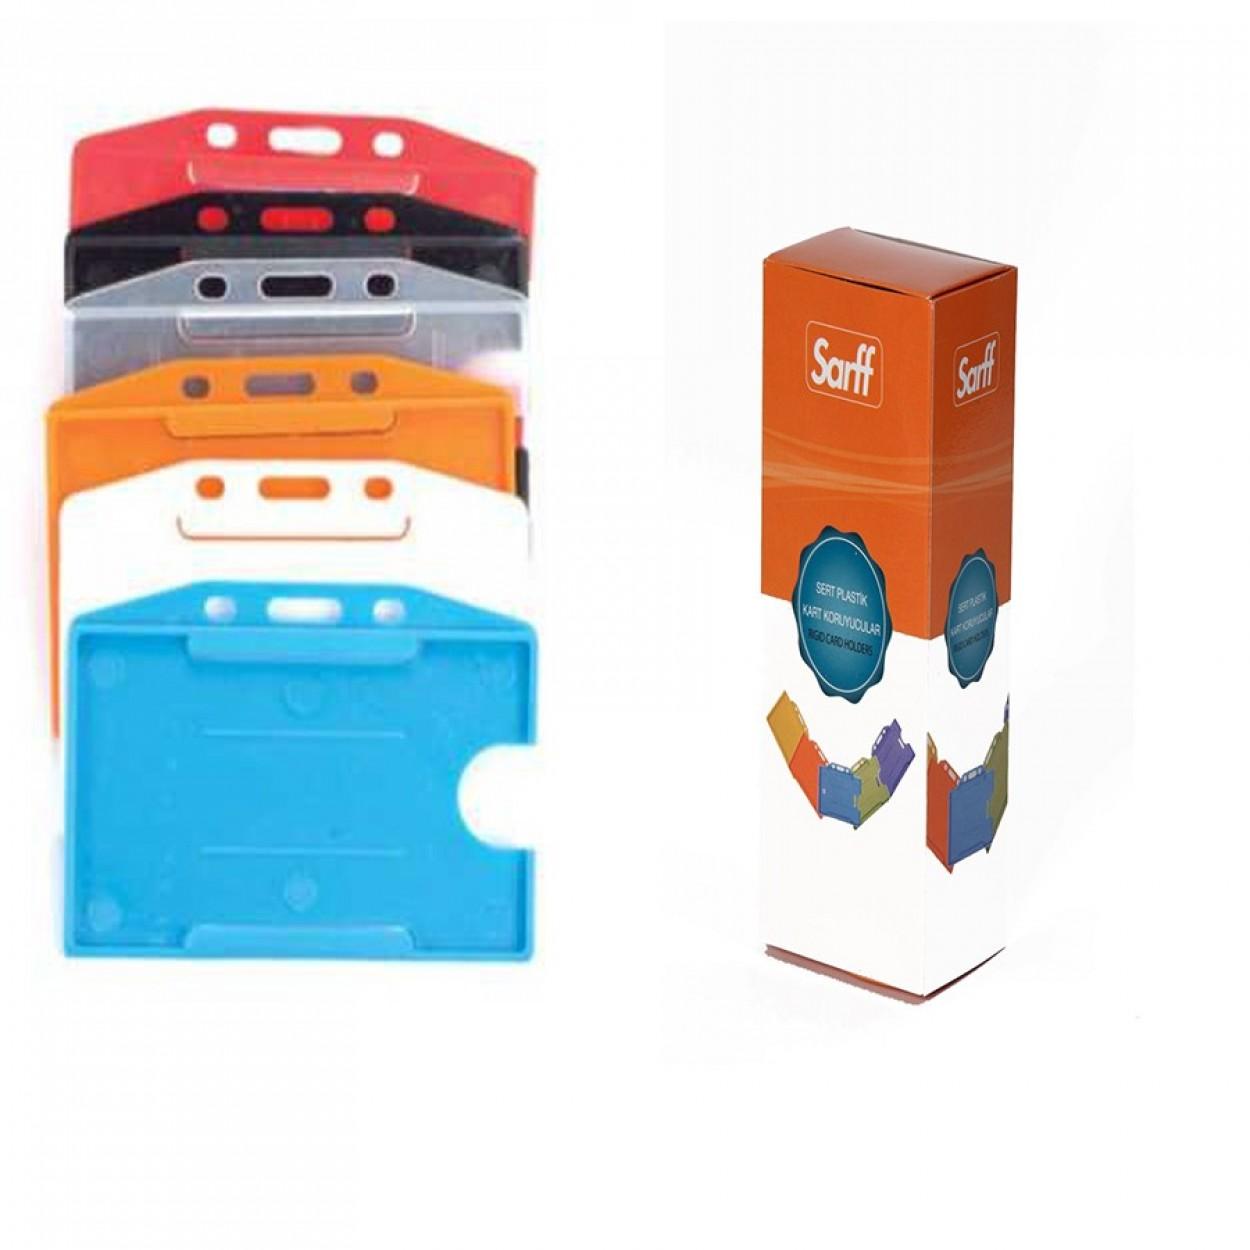 Sarff Sert Plastik Kart Muhafaza Yatay 50 Li Turuncu